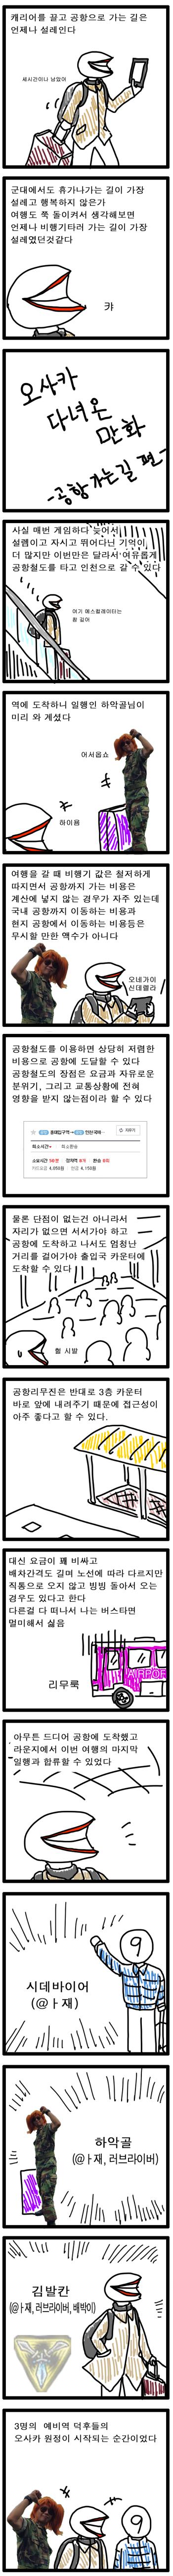 오사카 다녀온 만화 5 (공항가는길편)